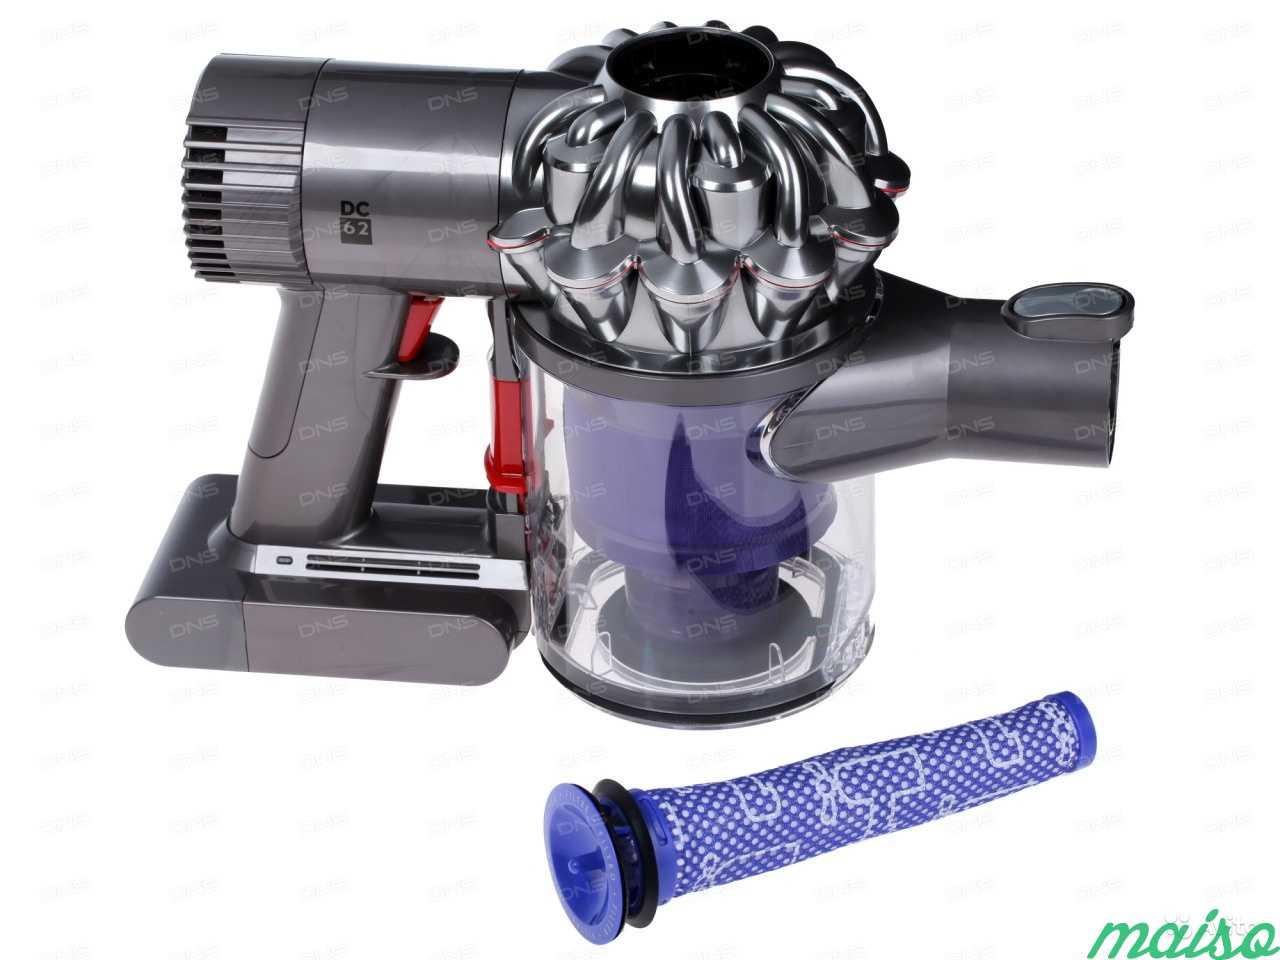 Фильтр для пылесоса дайсон dc62 турбощетка для пылесоса дайсон dc52